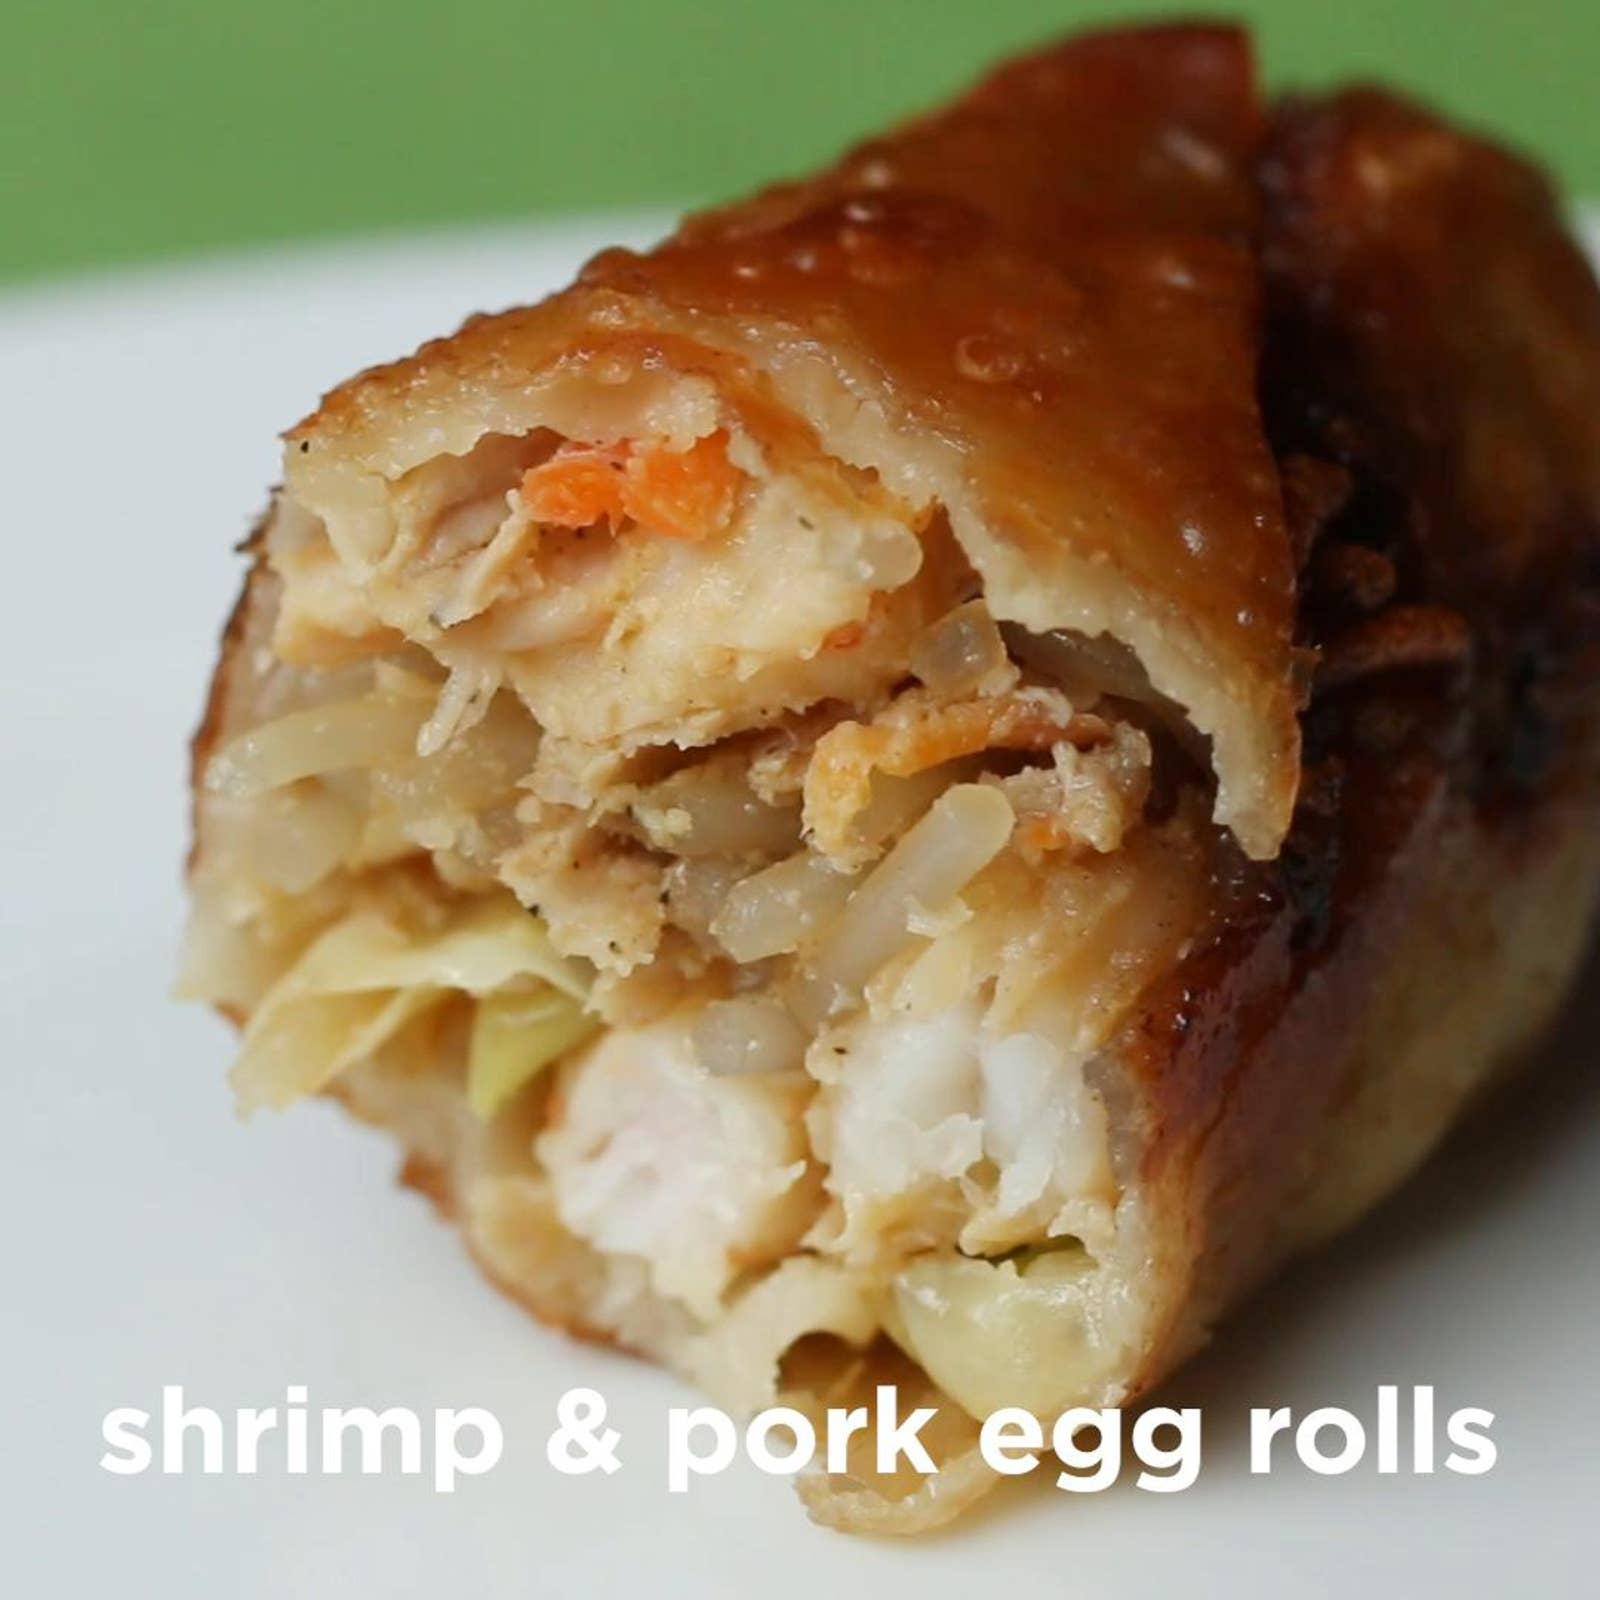 Takeout-Style Shrimp & Pork Egg Rolls